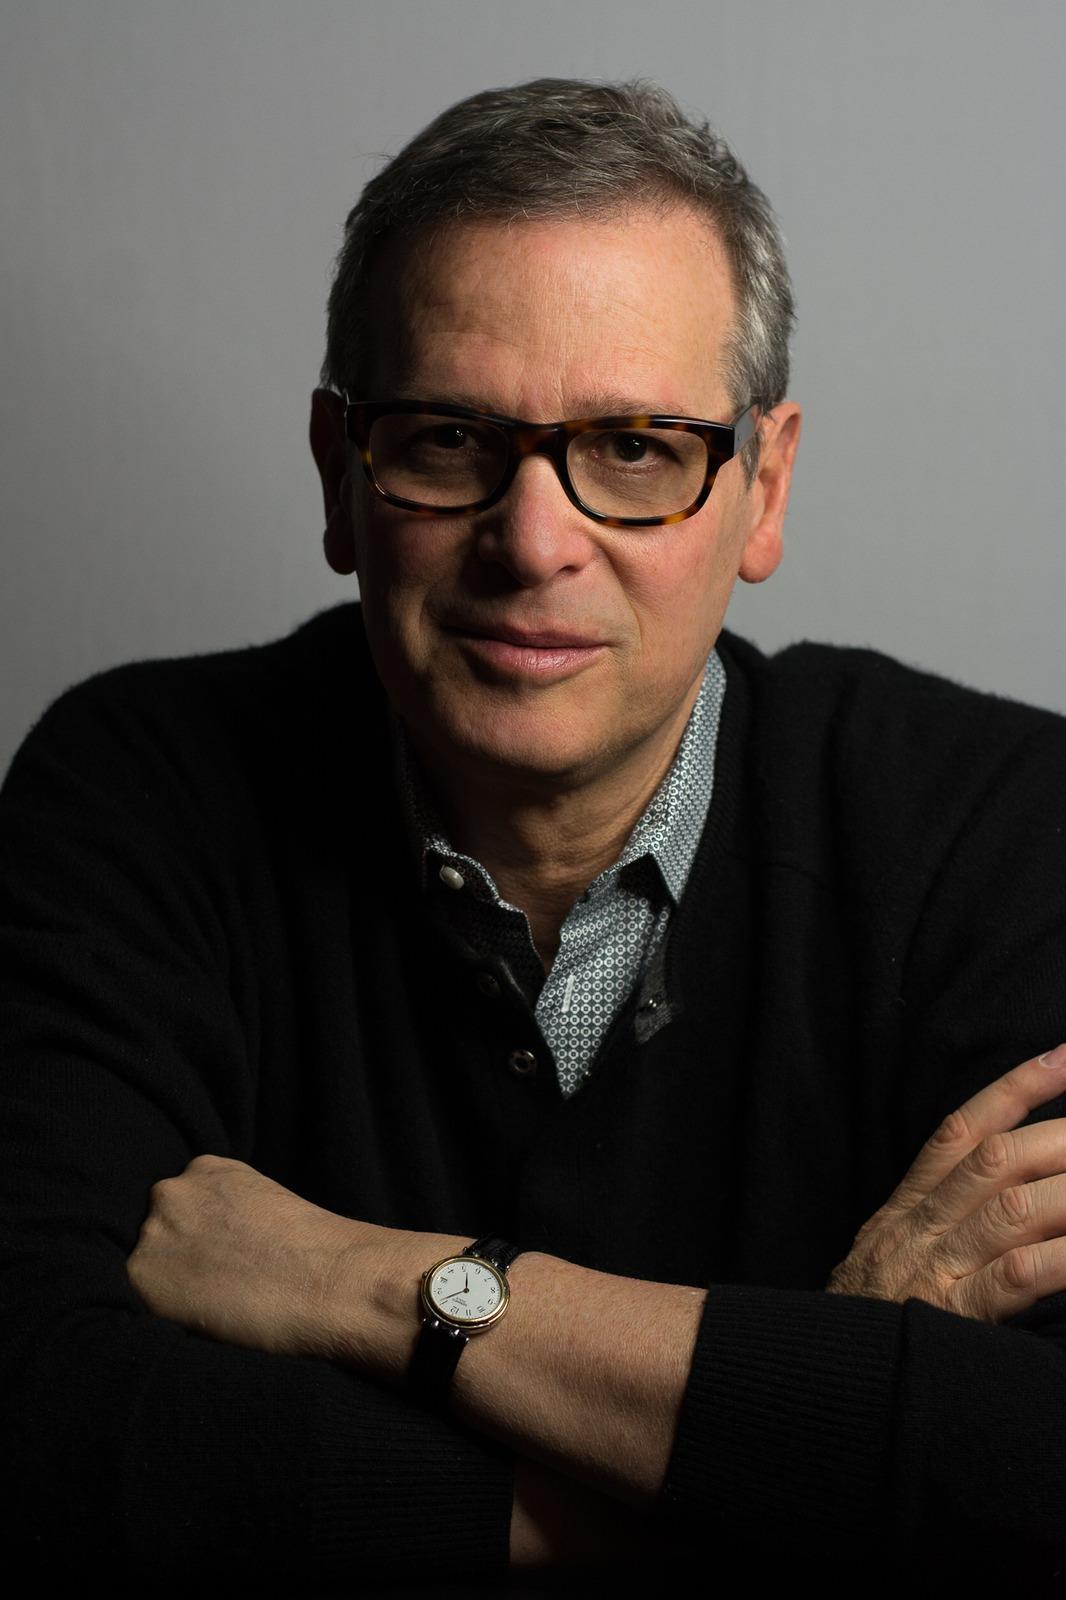 Barry Goralnick